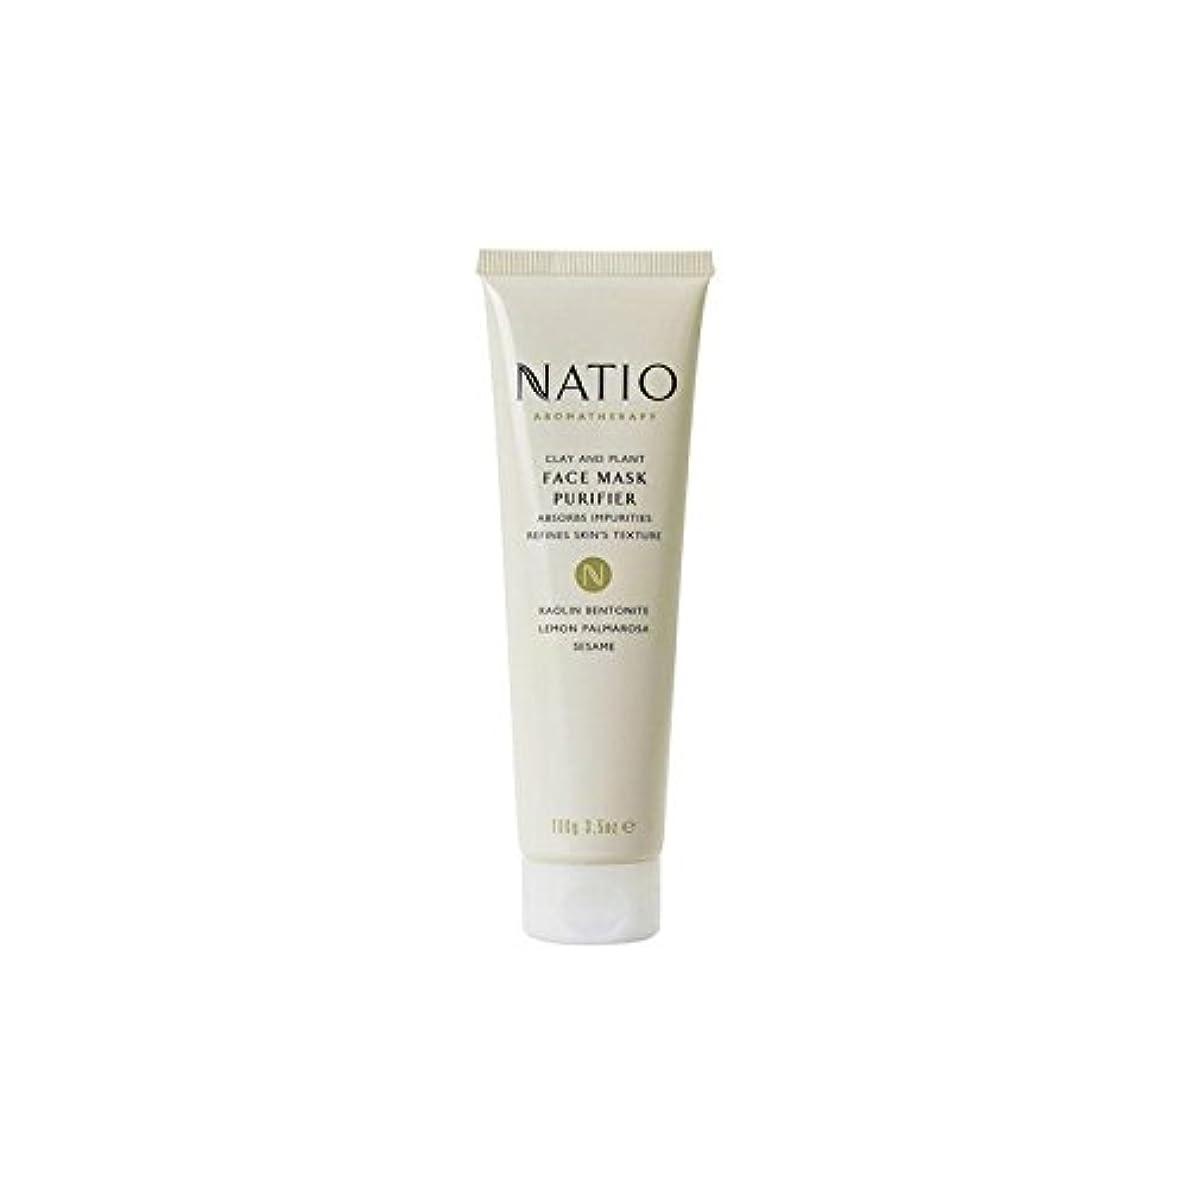 詩人正しい腹痛Natio Clay & Plant Face Mask Purifier (100G) (Pack of 6) - 粘土&植物フェイスマスクの浄化(100グラム) x6 [並行輸入品]